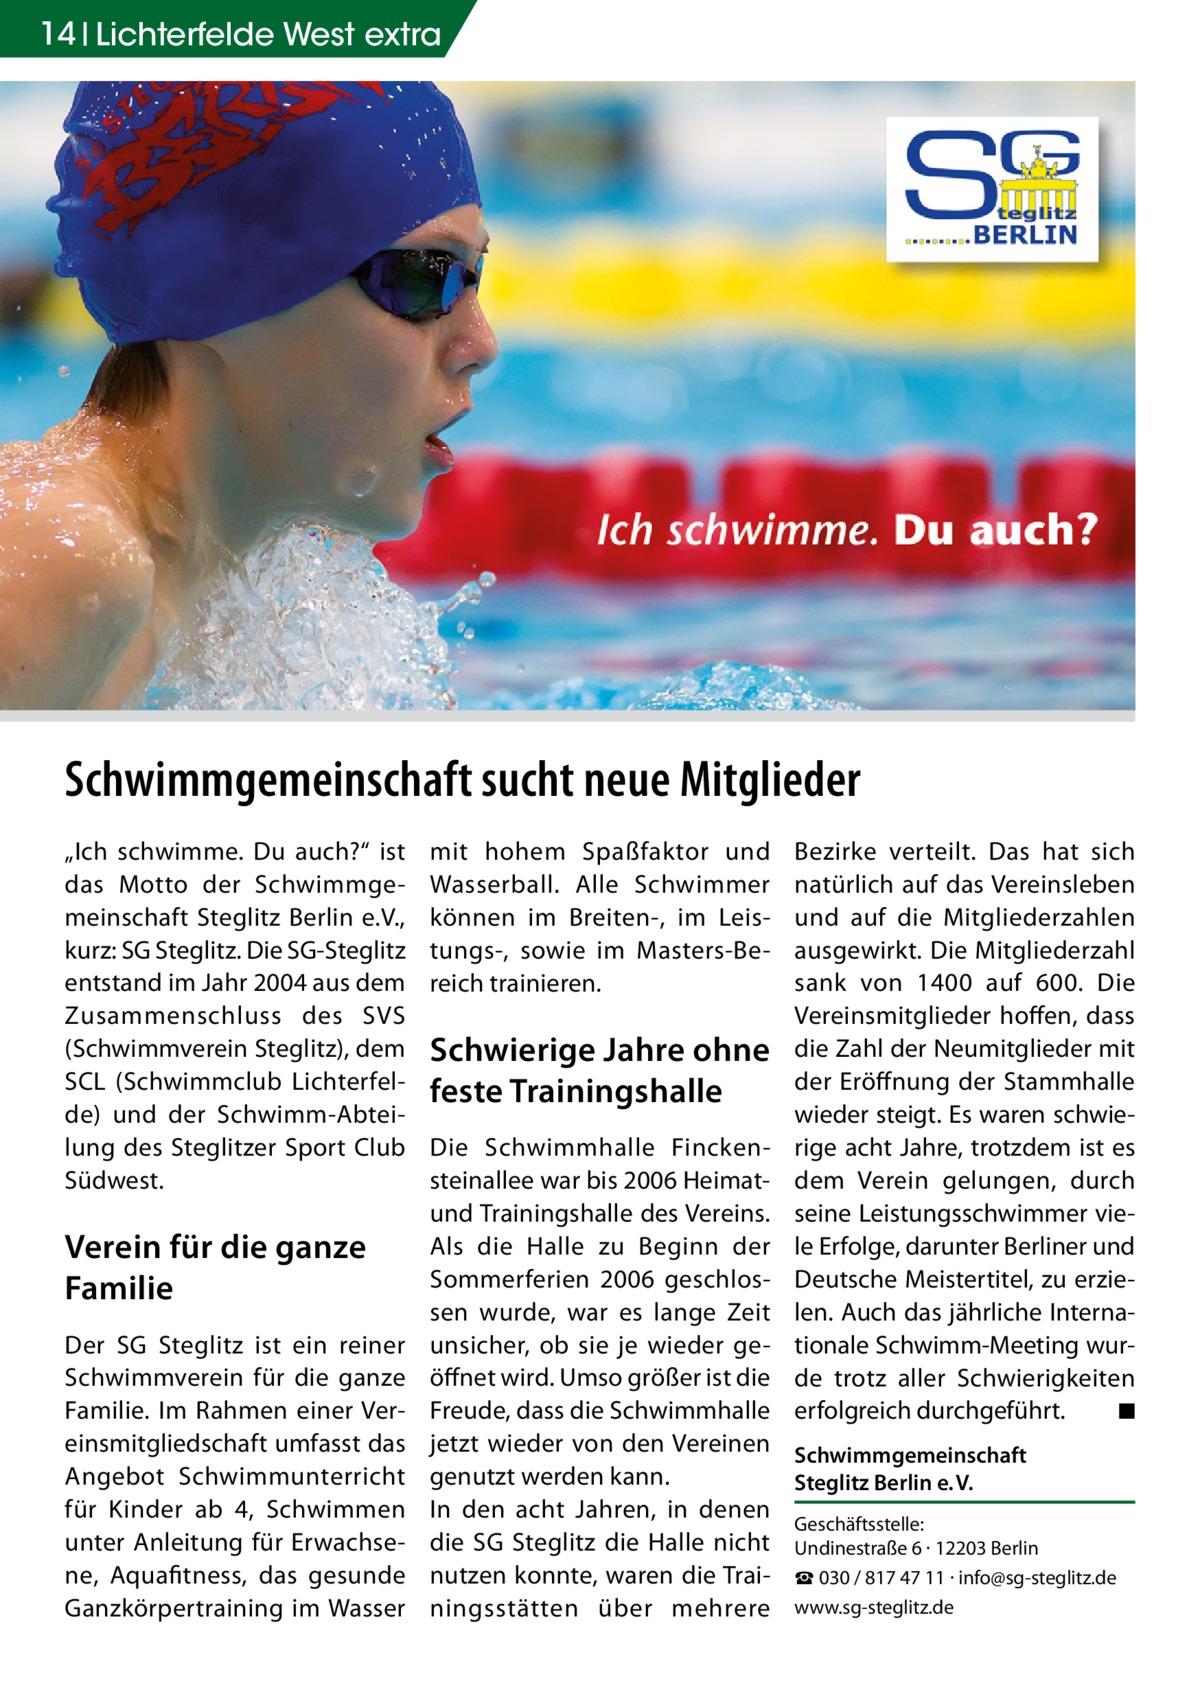 """14 Lichterfelde West extra  Schwimmgemeinschaft sucht neue Mitglieder """"Ich schwimme. Du auch?"""" ist das Motto der Schwimmgemeinschaft Steglitz Berlin e.V., kurz: SG Steglitz. Die SG-Steglitz entstand im Jahr 2004 aus dem Zusammenschluss des SVS (Schwimmverein Steglitz), dem SCL (Schwimmclub Lichterfelde) und der Schwimm-Abteilung des Steglitzer Sport Club Südwest.  Verein für die ganze Familie Der SG Steglitz ist ein reiner Schwimmverein für die ganze Familie. Im Rahmen einer Vereinsmitgliedschaft umfasst das Angebot Schwimmunterricht für Kinder ab 4, Schwimmen unter Anleitung für Erwachsene, Aquafitness, das gesunde Ganzkörpertraining im Wasser  mit hohem Spaßfaktor und Wasserball. Alle Schwimmer können im Breiten-, im Leistungs-, sowie im Masters-Bereich trainieren.  Schwierige Jahre ohne feste Trainingshalle  Bezirke verteilt. Das hat sich natürlich auf das Vereinsleben und auf die Mitgliederzahlen ausgewirkt. Die Mitgliederzahl sank von 1400 auf 600. Die Vereinsmitglieder hoffen, dass die Zahl der Neumitglieder mit der Eröffnung der Stammhalle wieder steigt. Es waren schwierige acht Jahre, trotzdem ist es dem Verein gelungen, durch seine Leistungsschwimmer viele Erfolge, darunter Berliner und Deutsche Meistertitel, zu erzielen. Auch das jährliche Internationale Schwimm-Meeting wurde trotz aller Schwierigkeiten erfolgreich durchgeführt. � ◾  Die Schwimmhalle Finckensteinallee war bis 2006 Heimatund Trainingshalle des Vereins. Als die Halle zu Beginn der Sommerferien 2006 geschlossen wurde, war es lange Zeit unsicher, ob sie je wieder geöffnet wird. Umso größer ist die Freude, dass die Schwimmhalle jetzt wieder von den Vereinen Schwimmgemeinschaft genutzt werden kann. Steglitz Berlin e.V. In den acht Jahren, in denen Geschäftsstelle: die SG Steglitz die Halle nicht Undinestraße 6 · 12203 Berlin nutzen konnte, waren die Trai- ☎ 030 / 817 47 11 · info@sg-steglitz.de ningsstätten über mehrere www.sg-steglitz.de"""